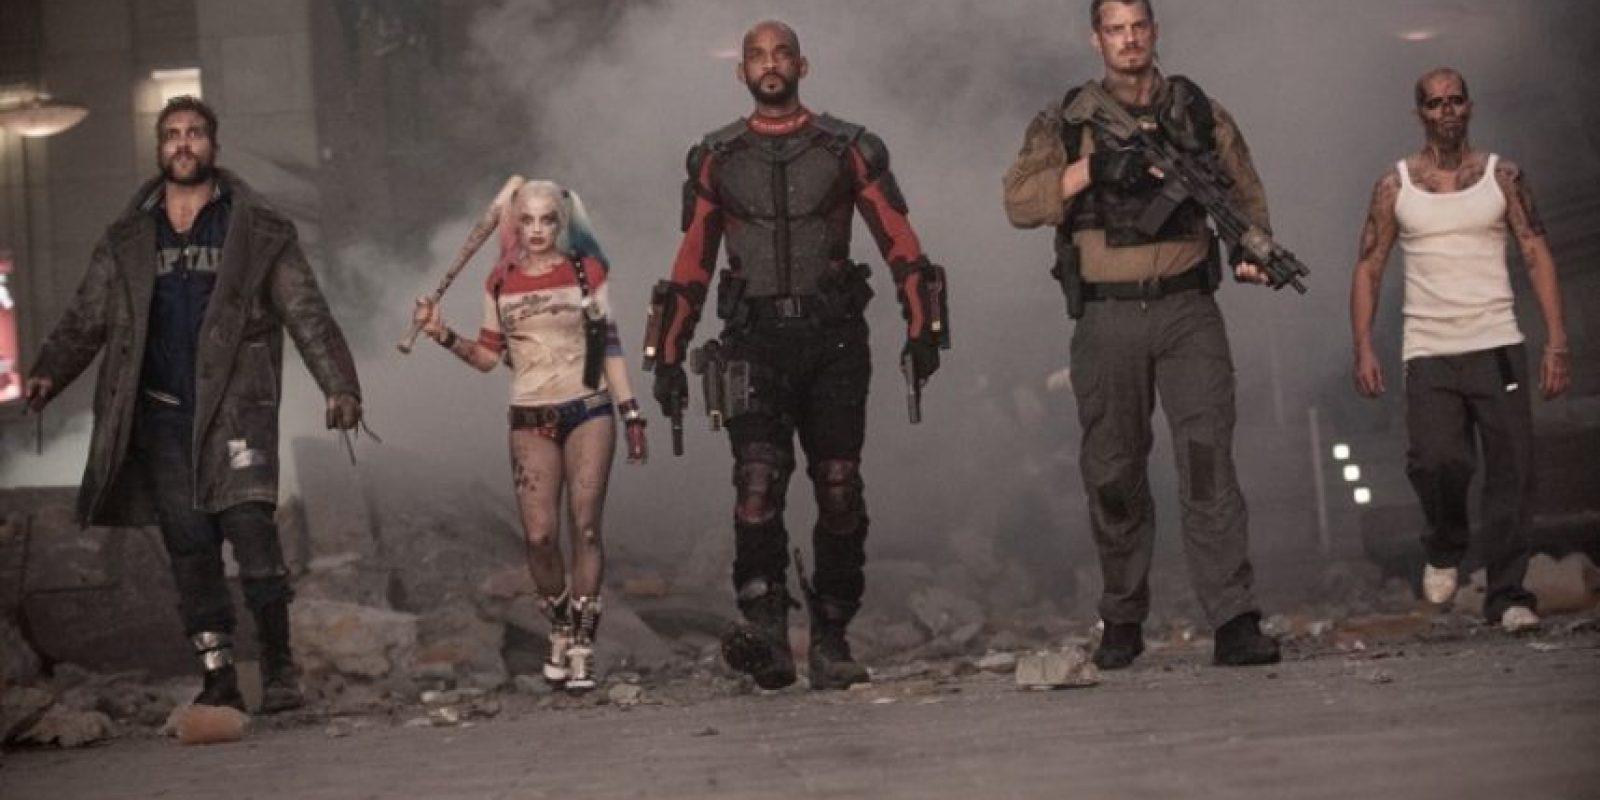 """""""Escuadrón suicida"""" protagonizada por Will Smith, Margot Robbie, Cara Delevingne, entre otros, se estrenó el 5 de agosto a nivel mundial. Foto:Warner Bros"""